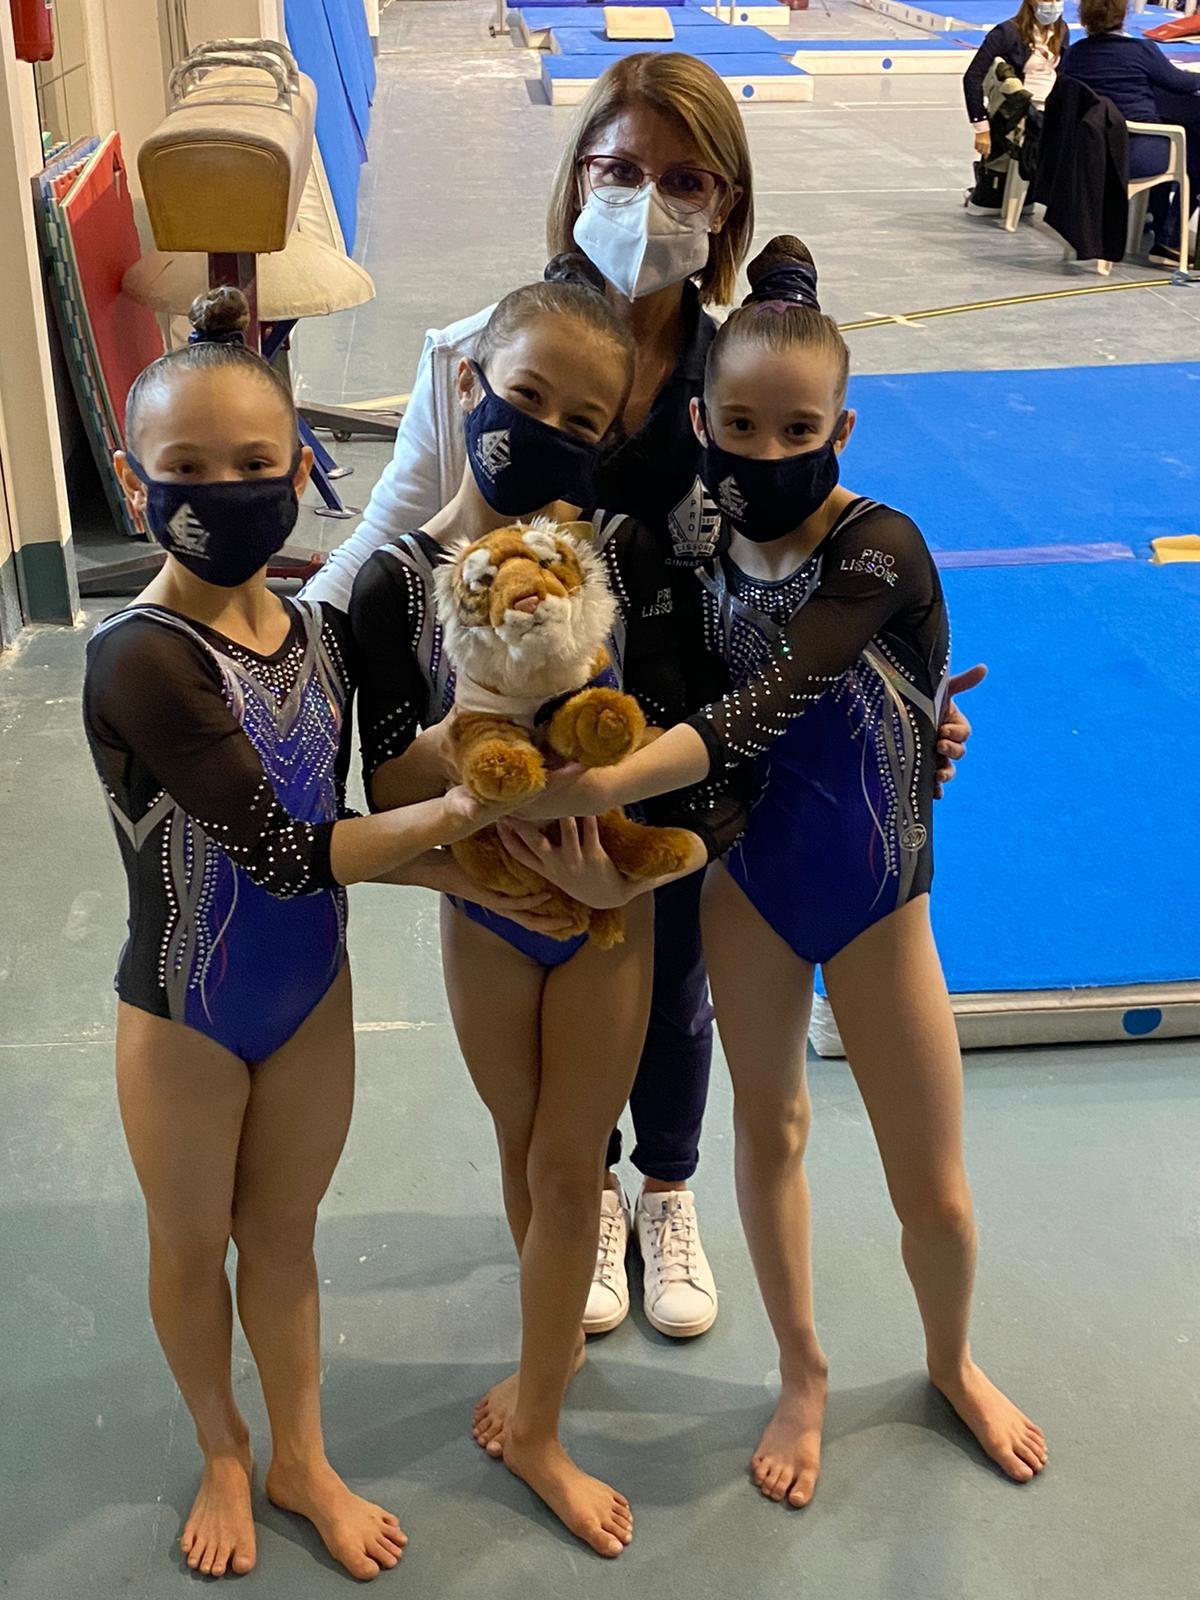 Pro Lissone ginnastica  Sofia, Alessia e Ludovica: tre stelline d'oro brillano a Mortara